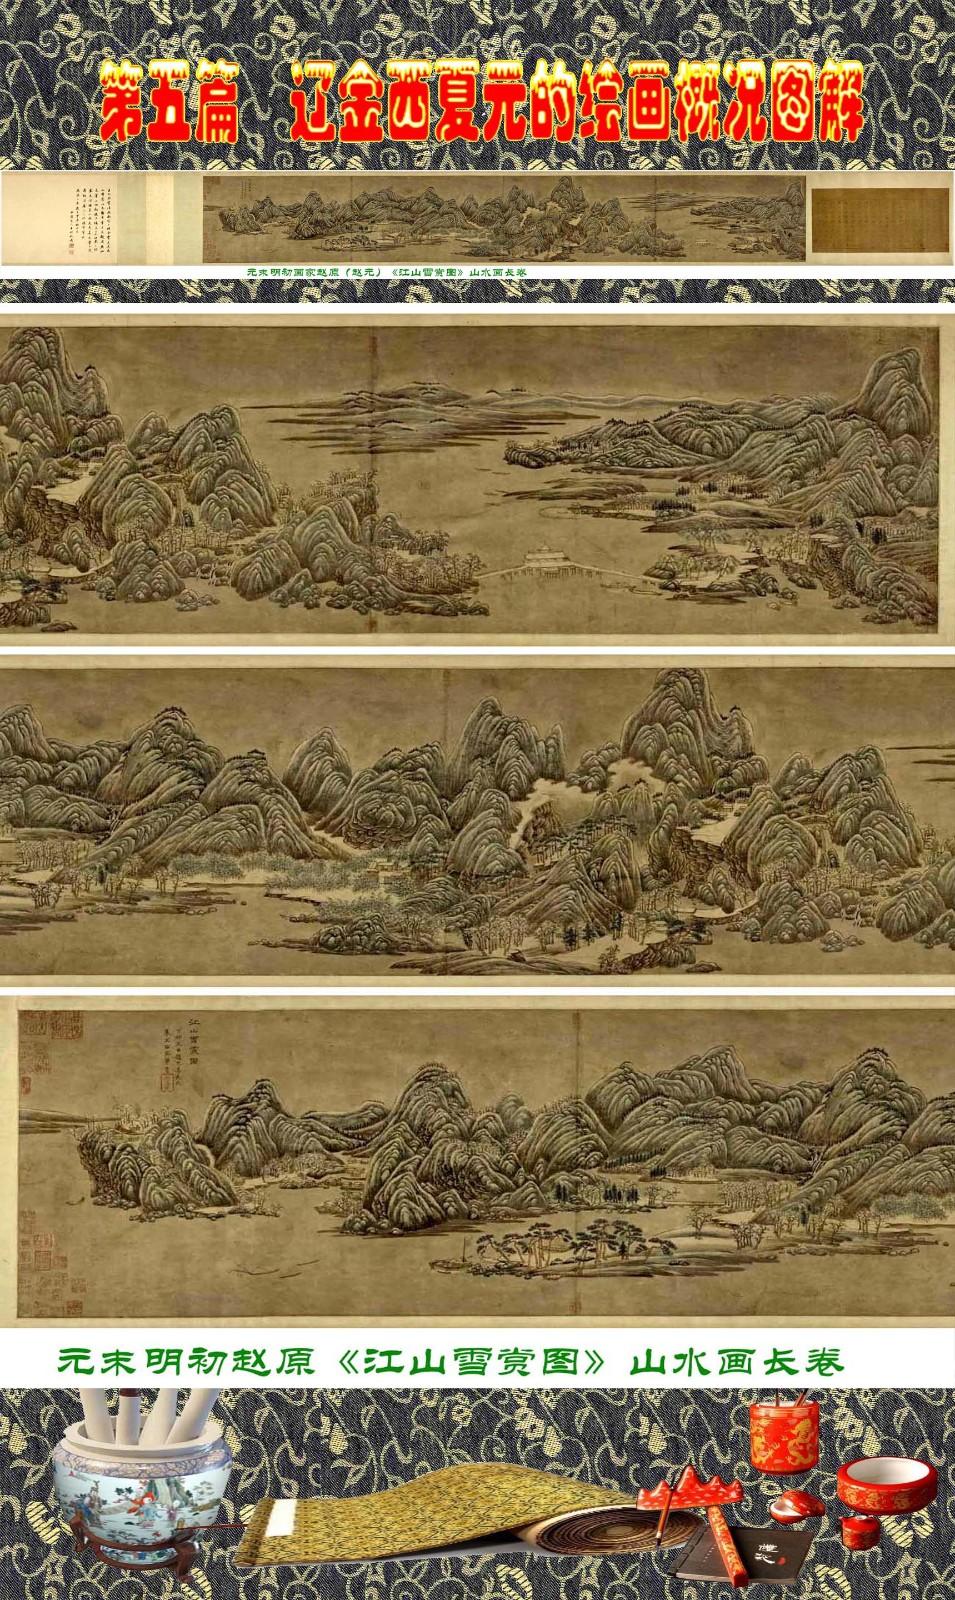 顾绍骅编辑 中国画知识普及版 第五篇 辽金西夏元的绘画概况 下 ... ..._图1-99